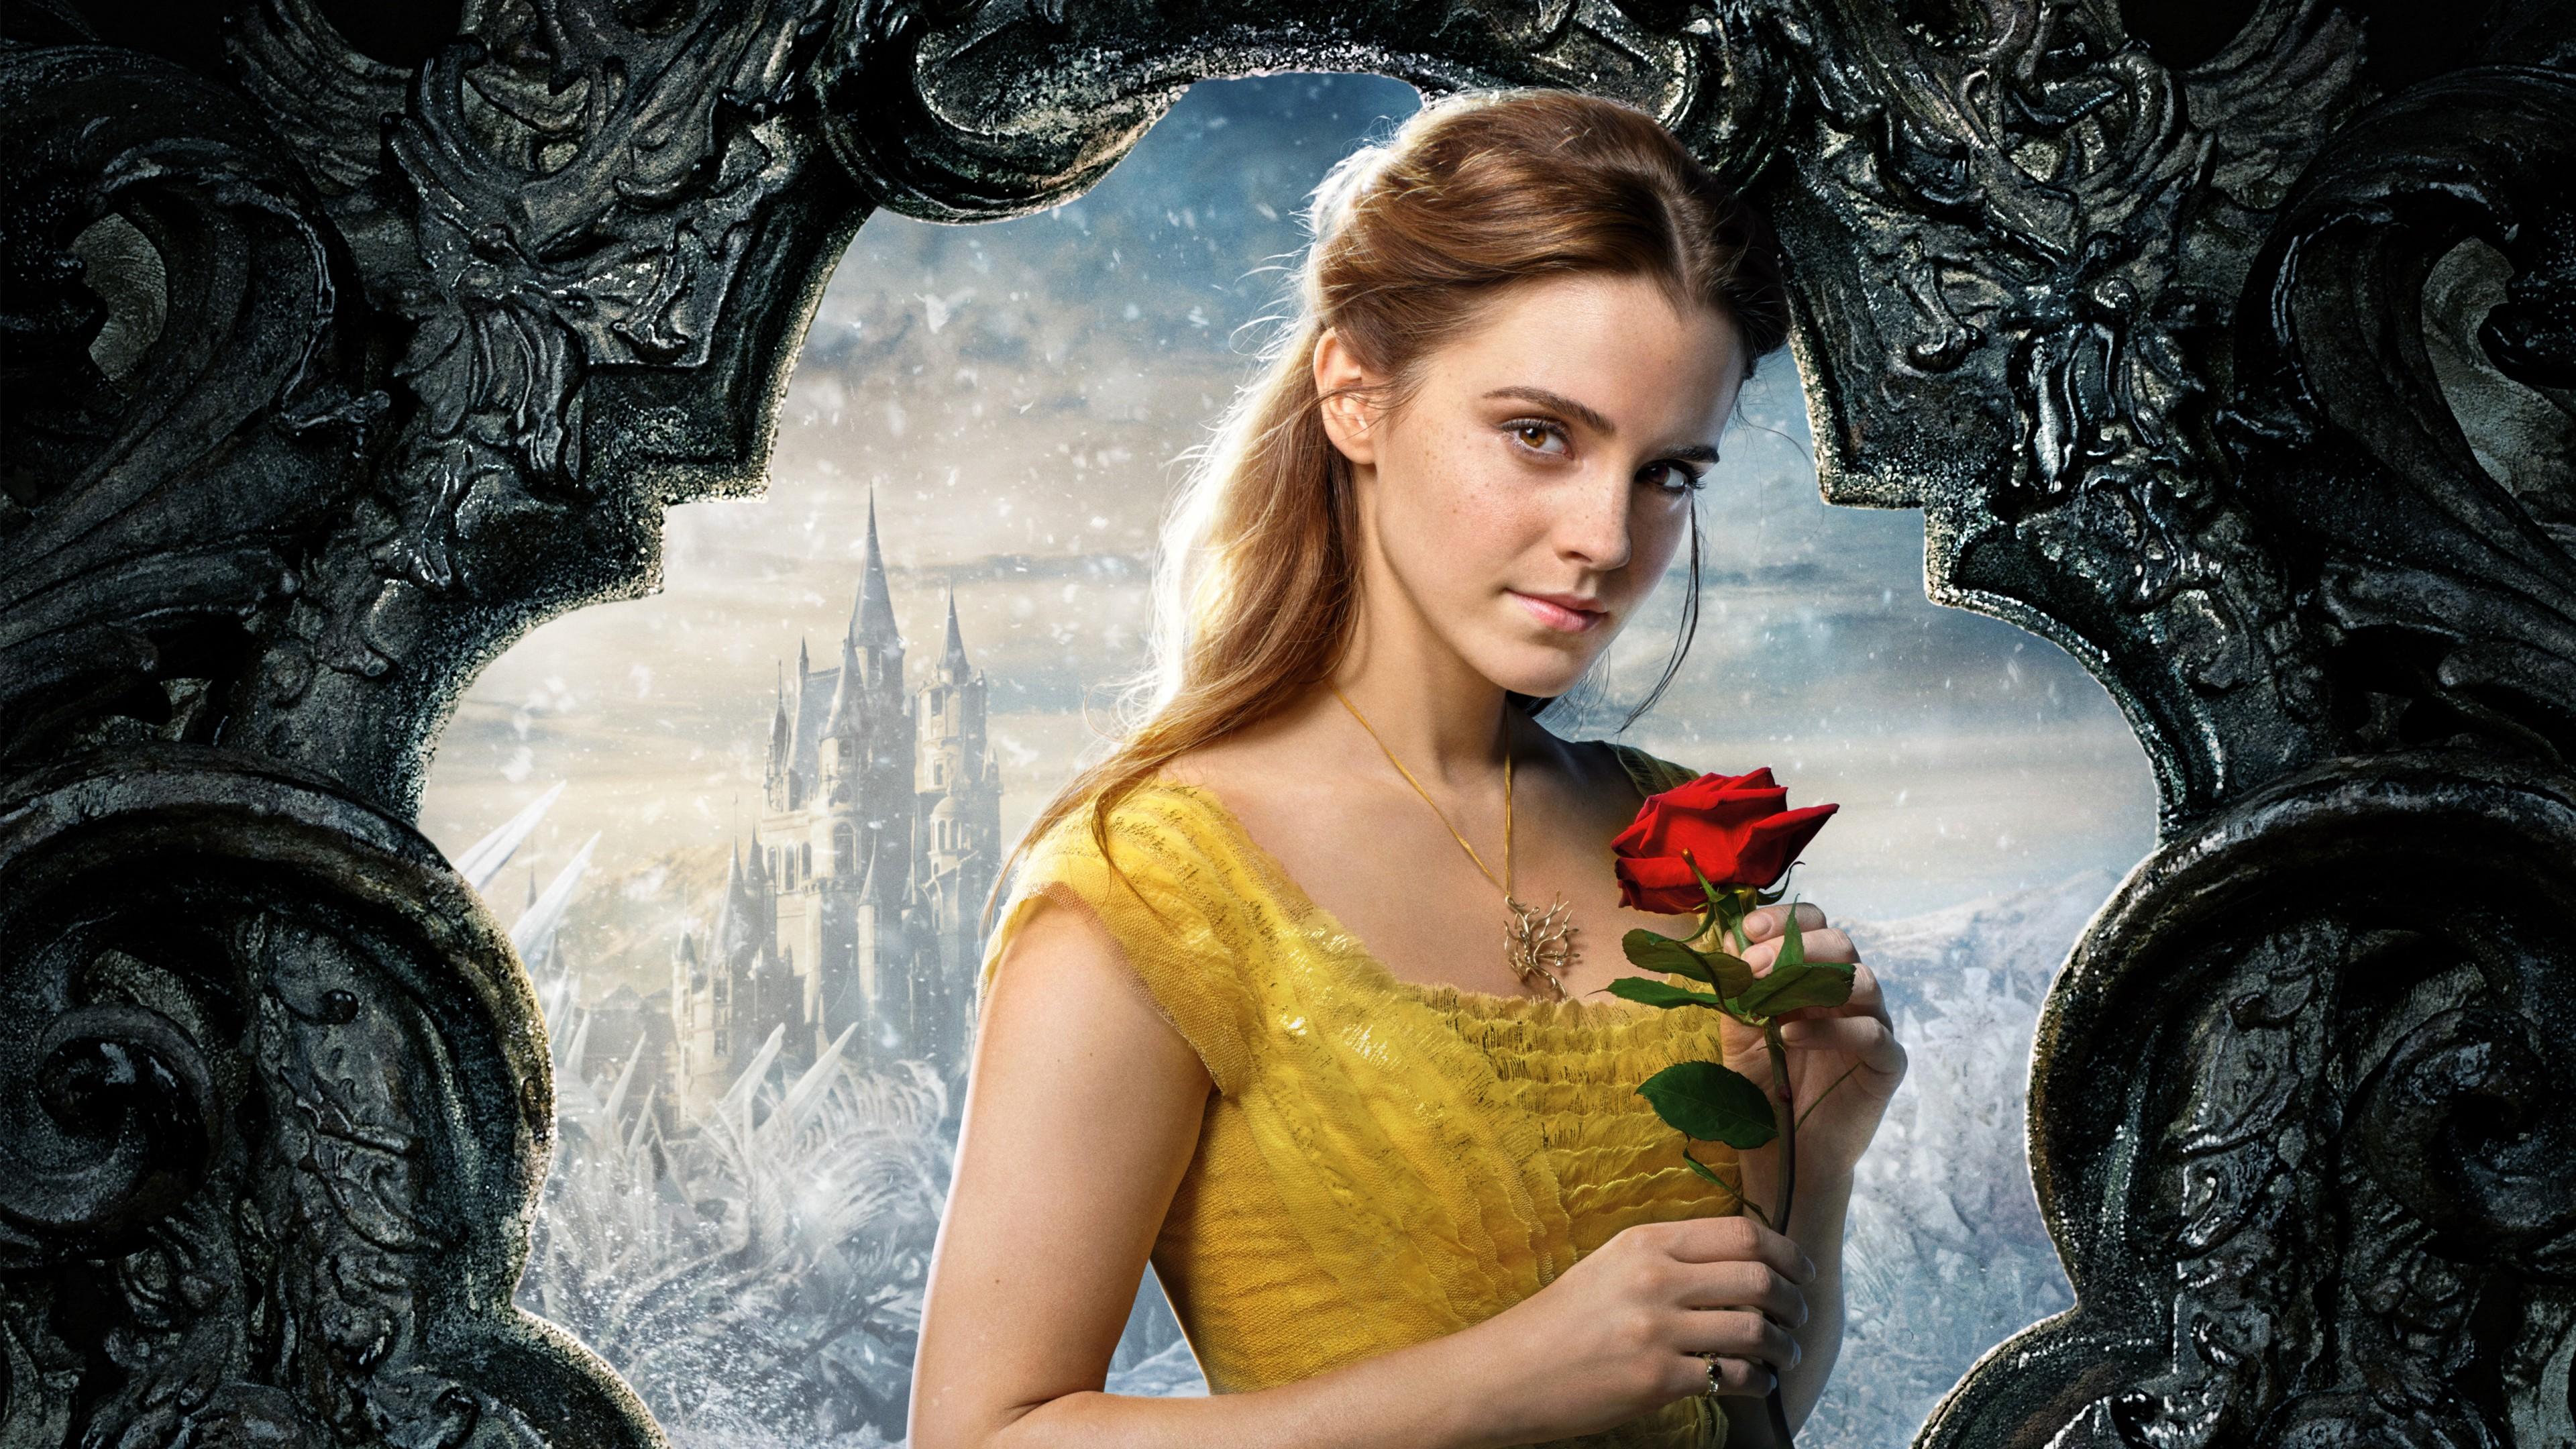 Last Jedi Wallpaper Iphone X Belle Beauty And The Beast Emma Watson 5k Wallpapers Hd